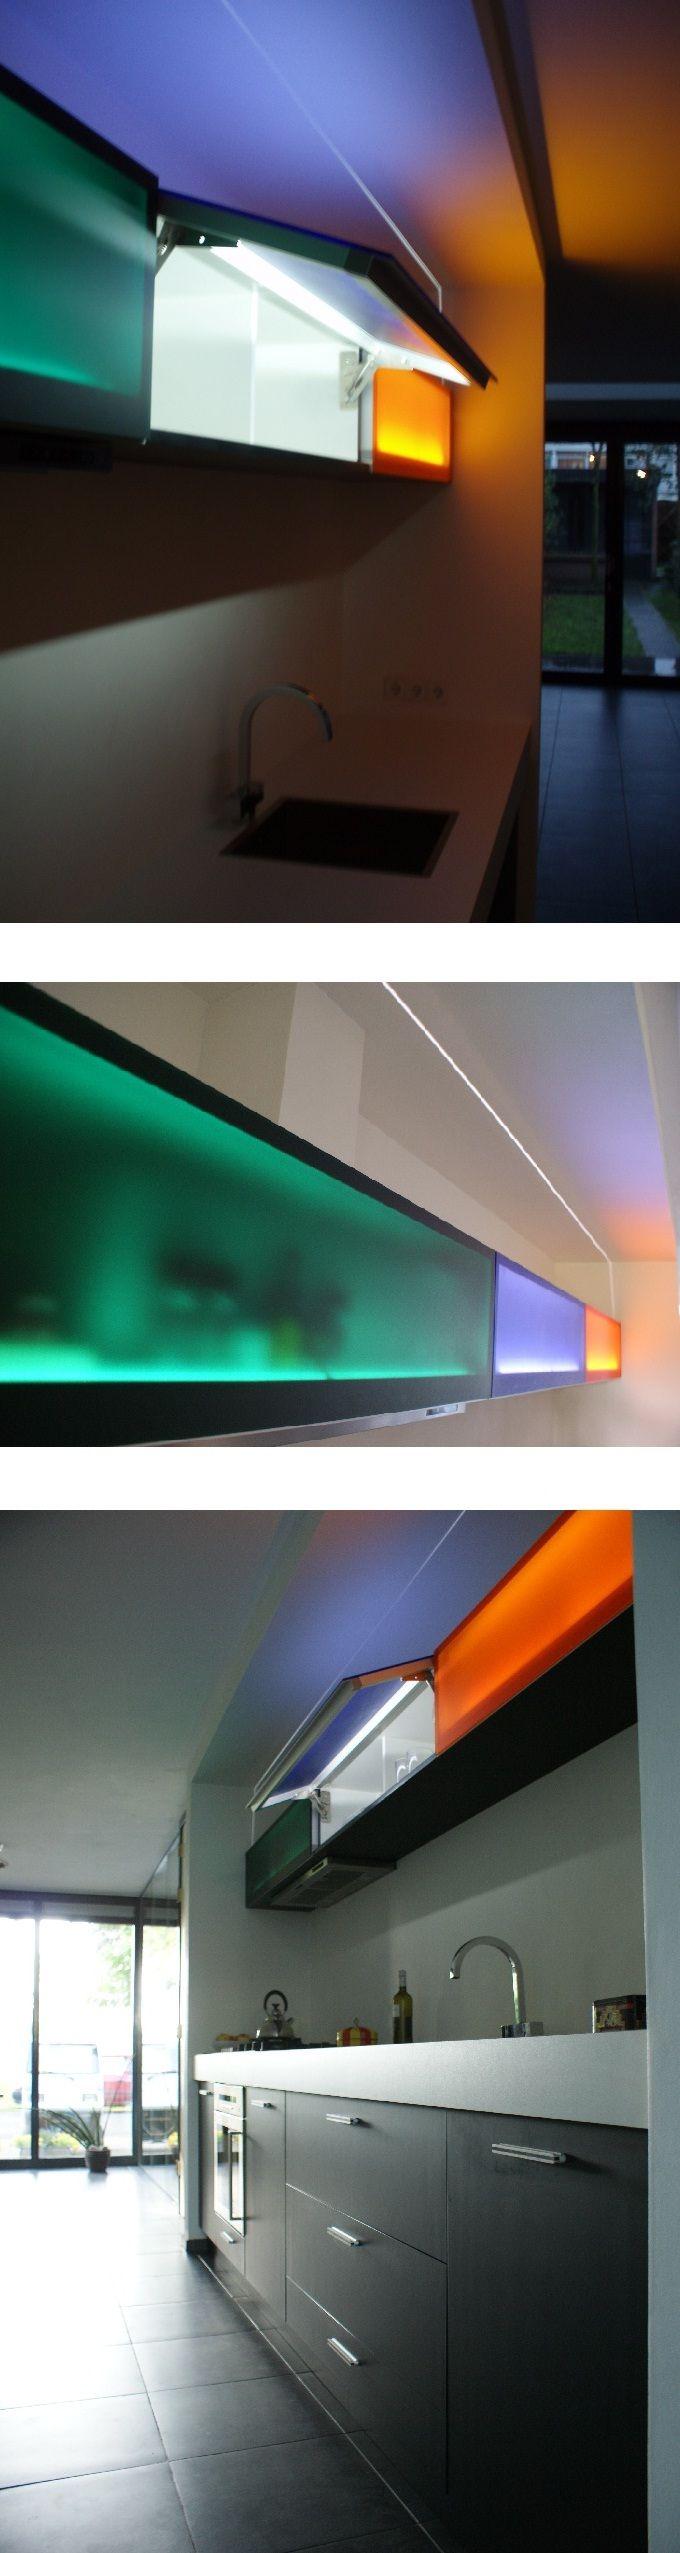 Design keuken met als eyecatcher bovenkasten met in de deurtjes verwerkte indirecte led-verlichting, dat in combinatie met 3 tinten smokey perspexglas, zorgt voor speciale effecten #veghel NL #roel-s #roels | Design kitchen with special effects